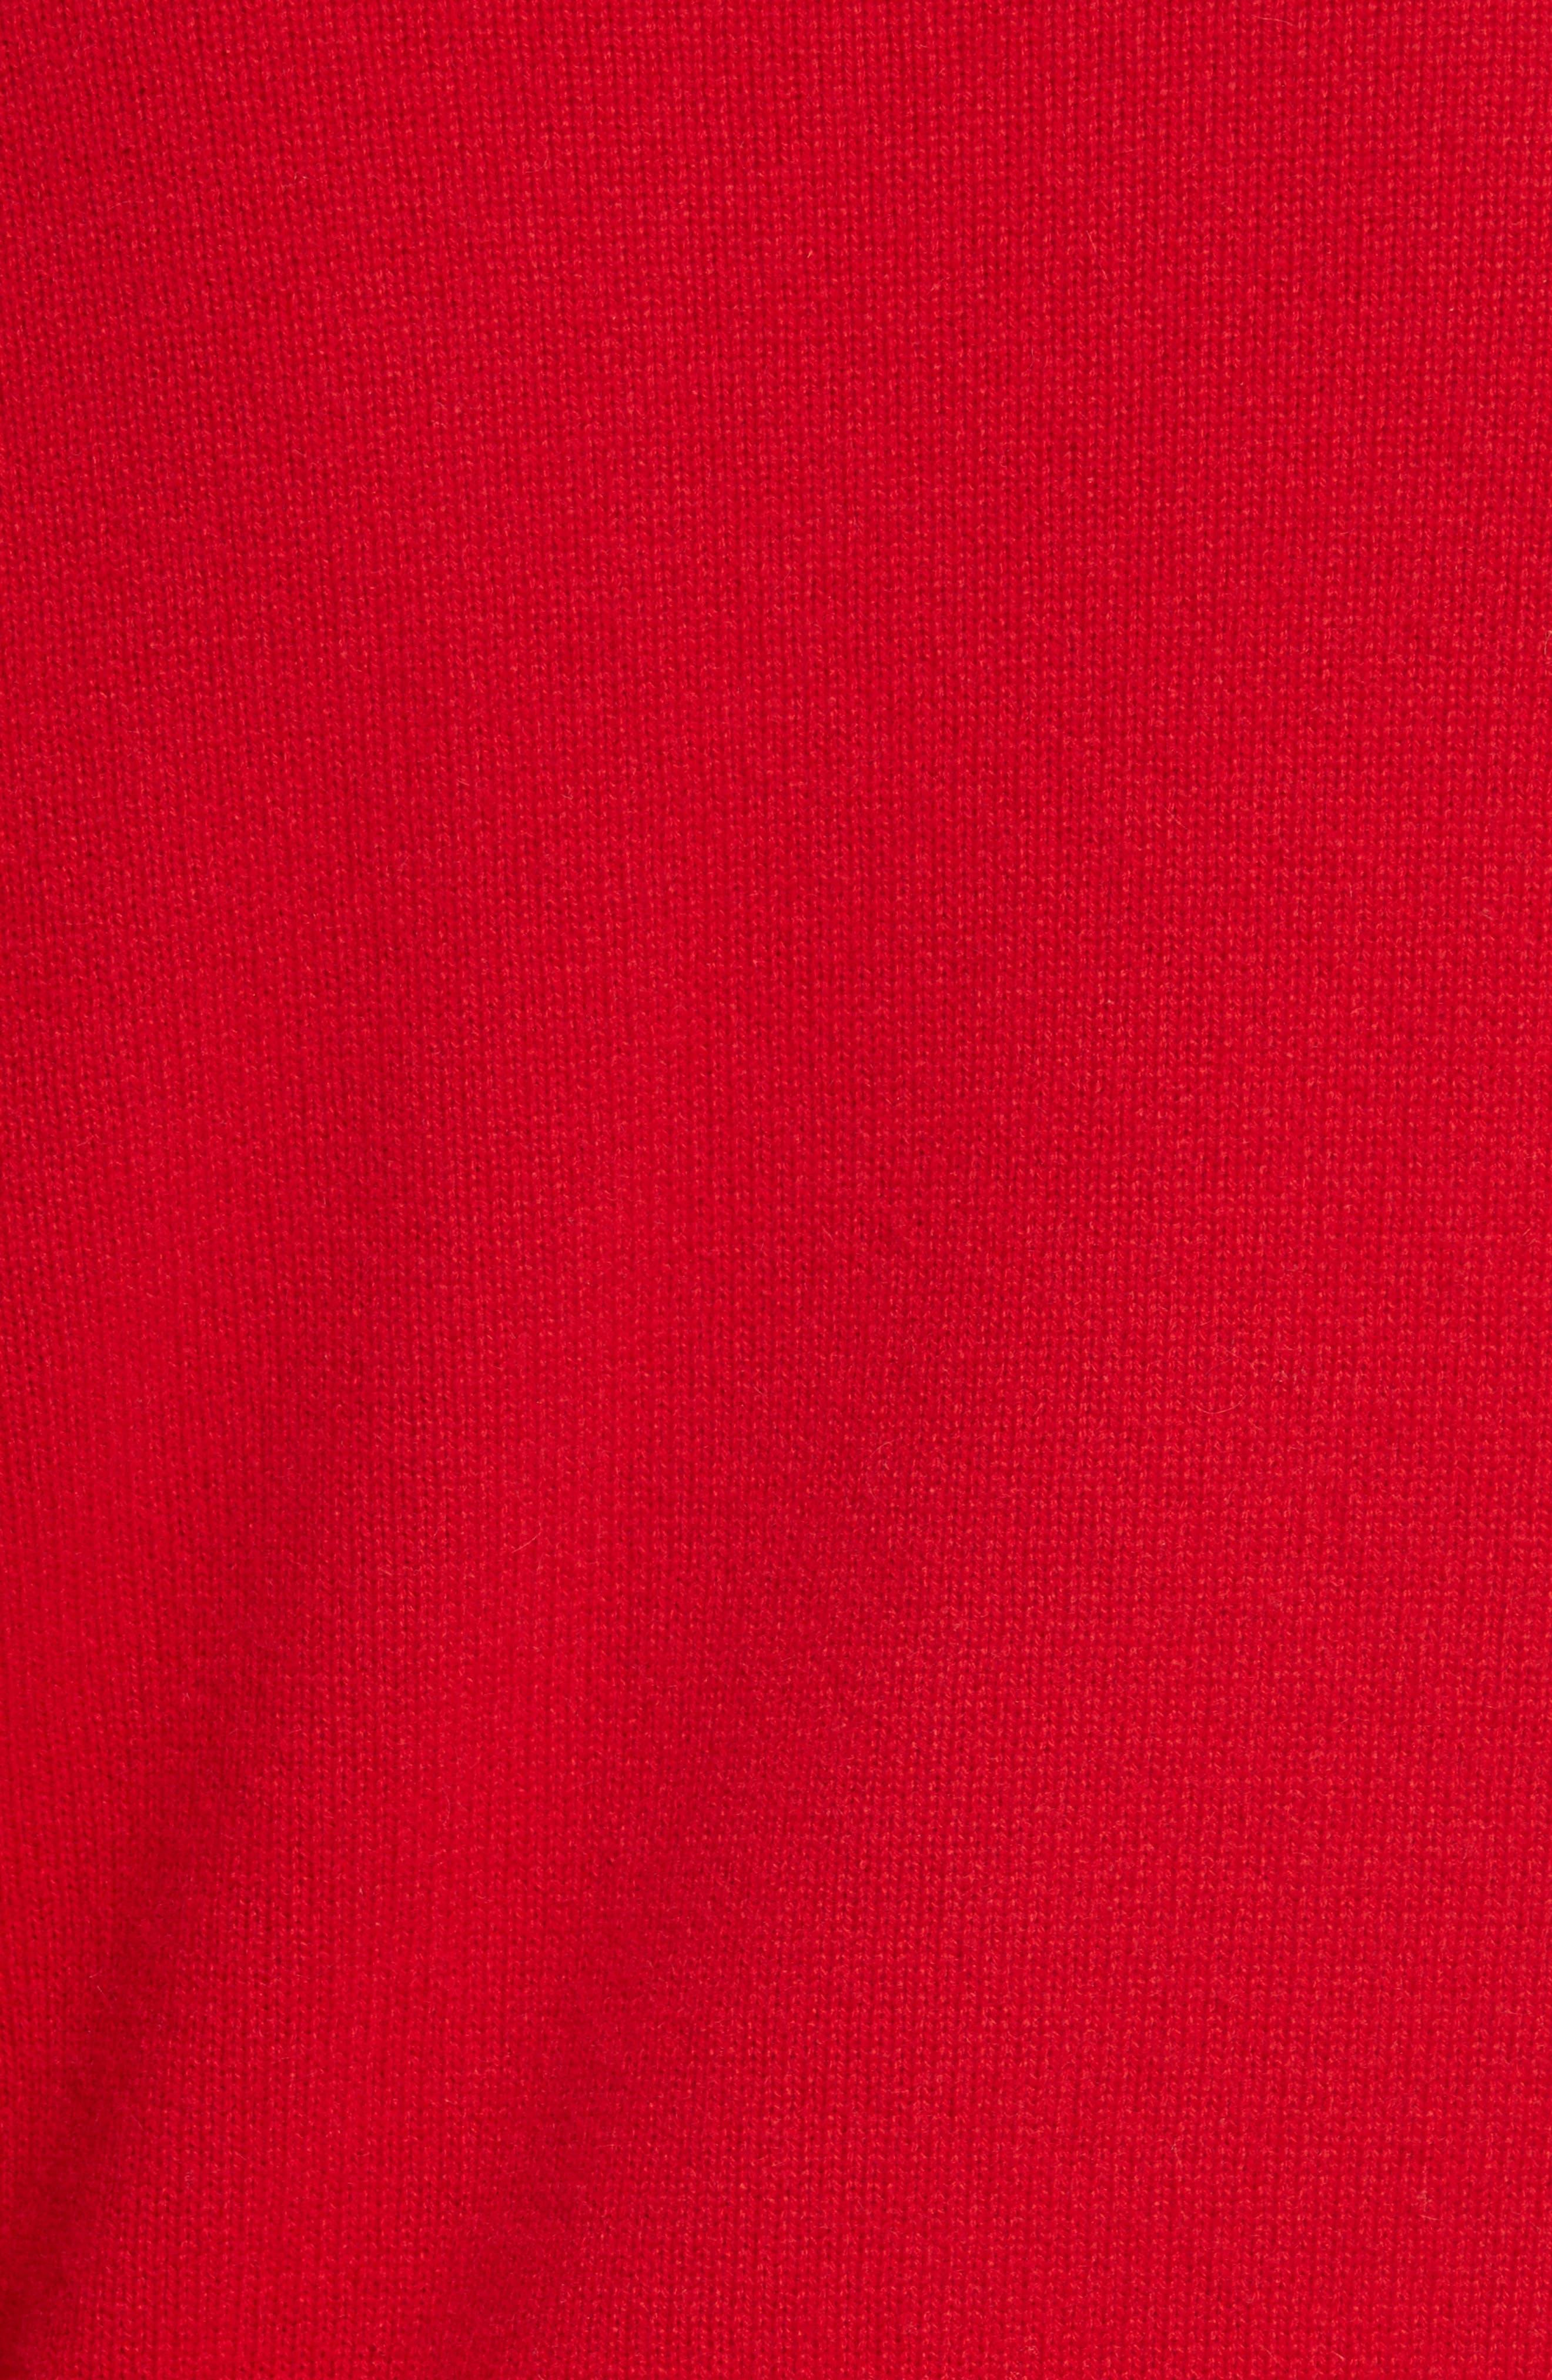 Alternate Image 5  - Allude Bold Stripe Cashmere Sweater